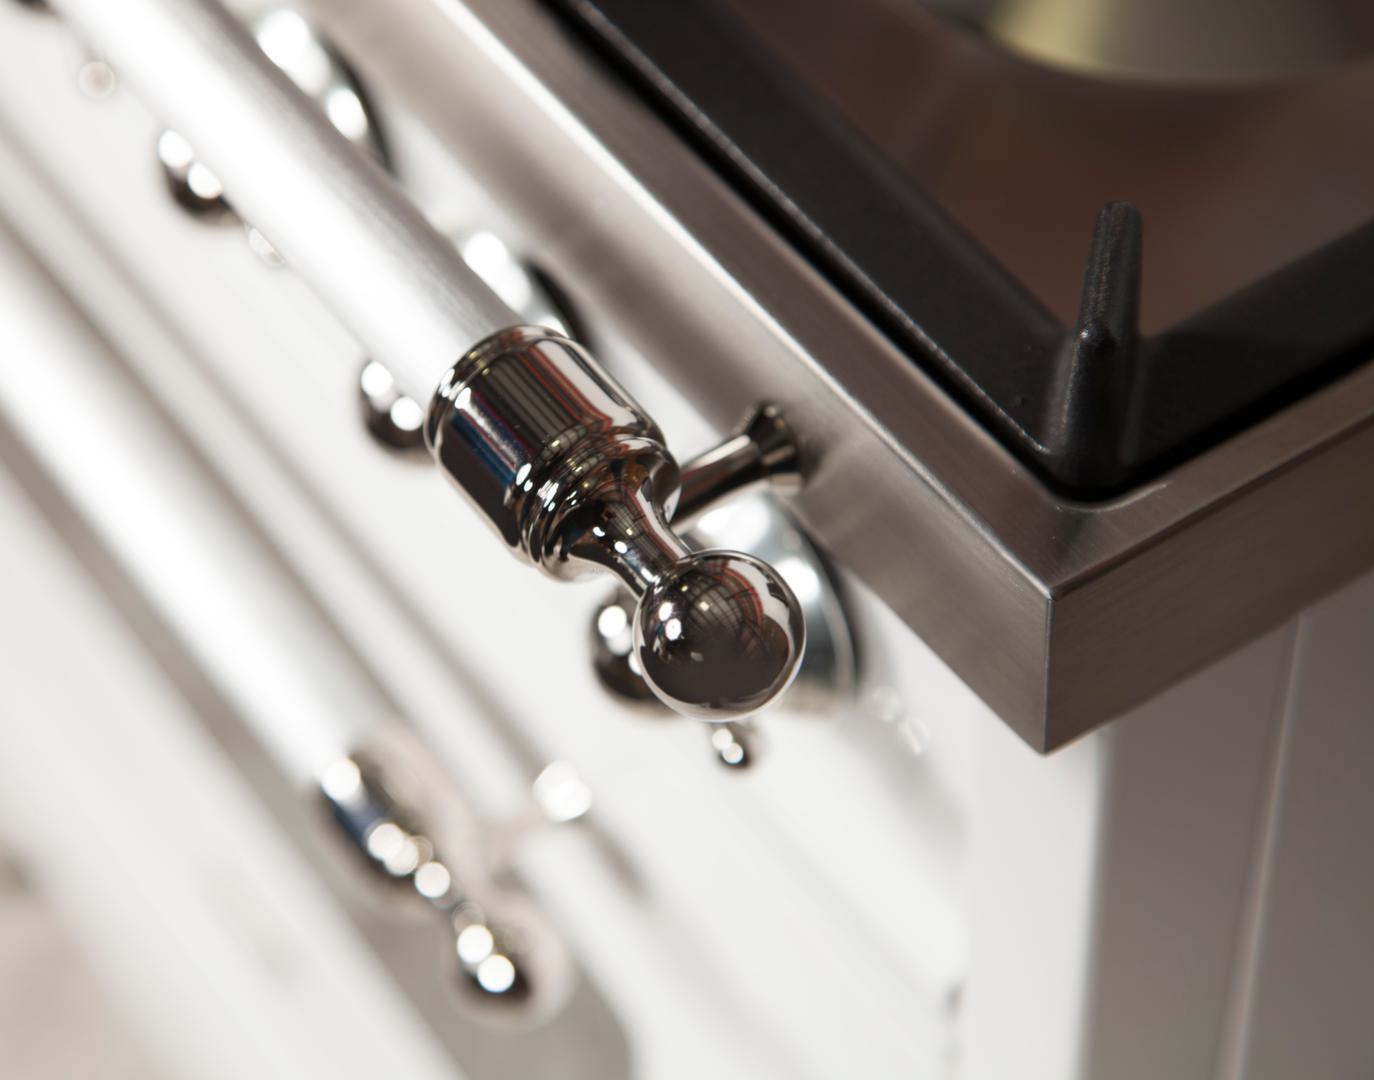 Ilve Nostalgie UPN120FDMPBX Freestanding Dual Fuel Range White, UPN120FDMPBX Details 2